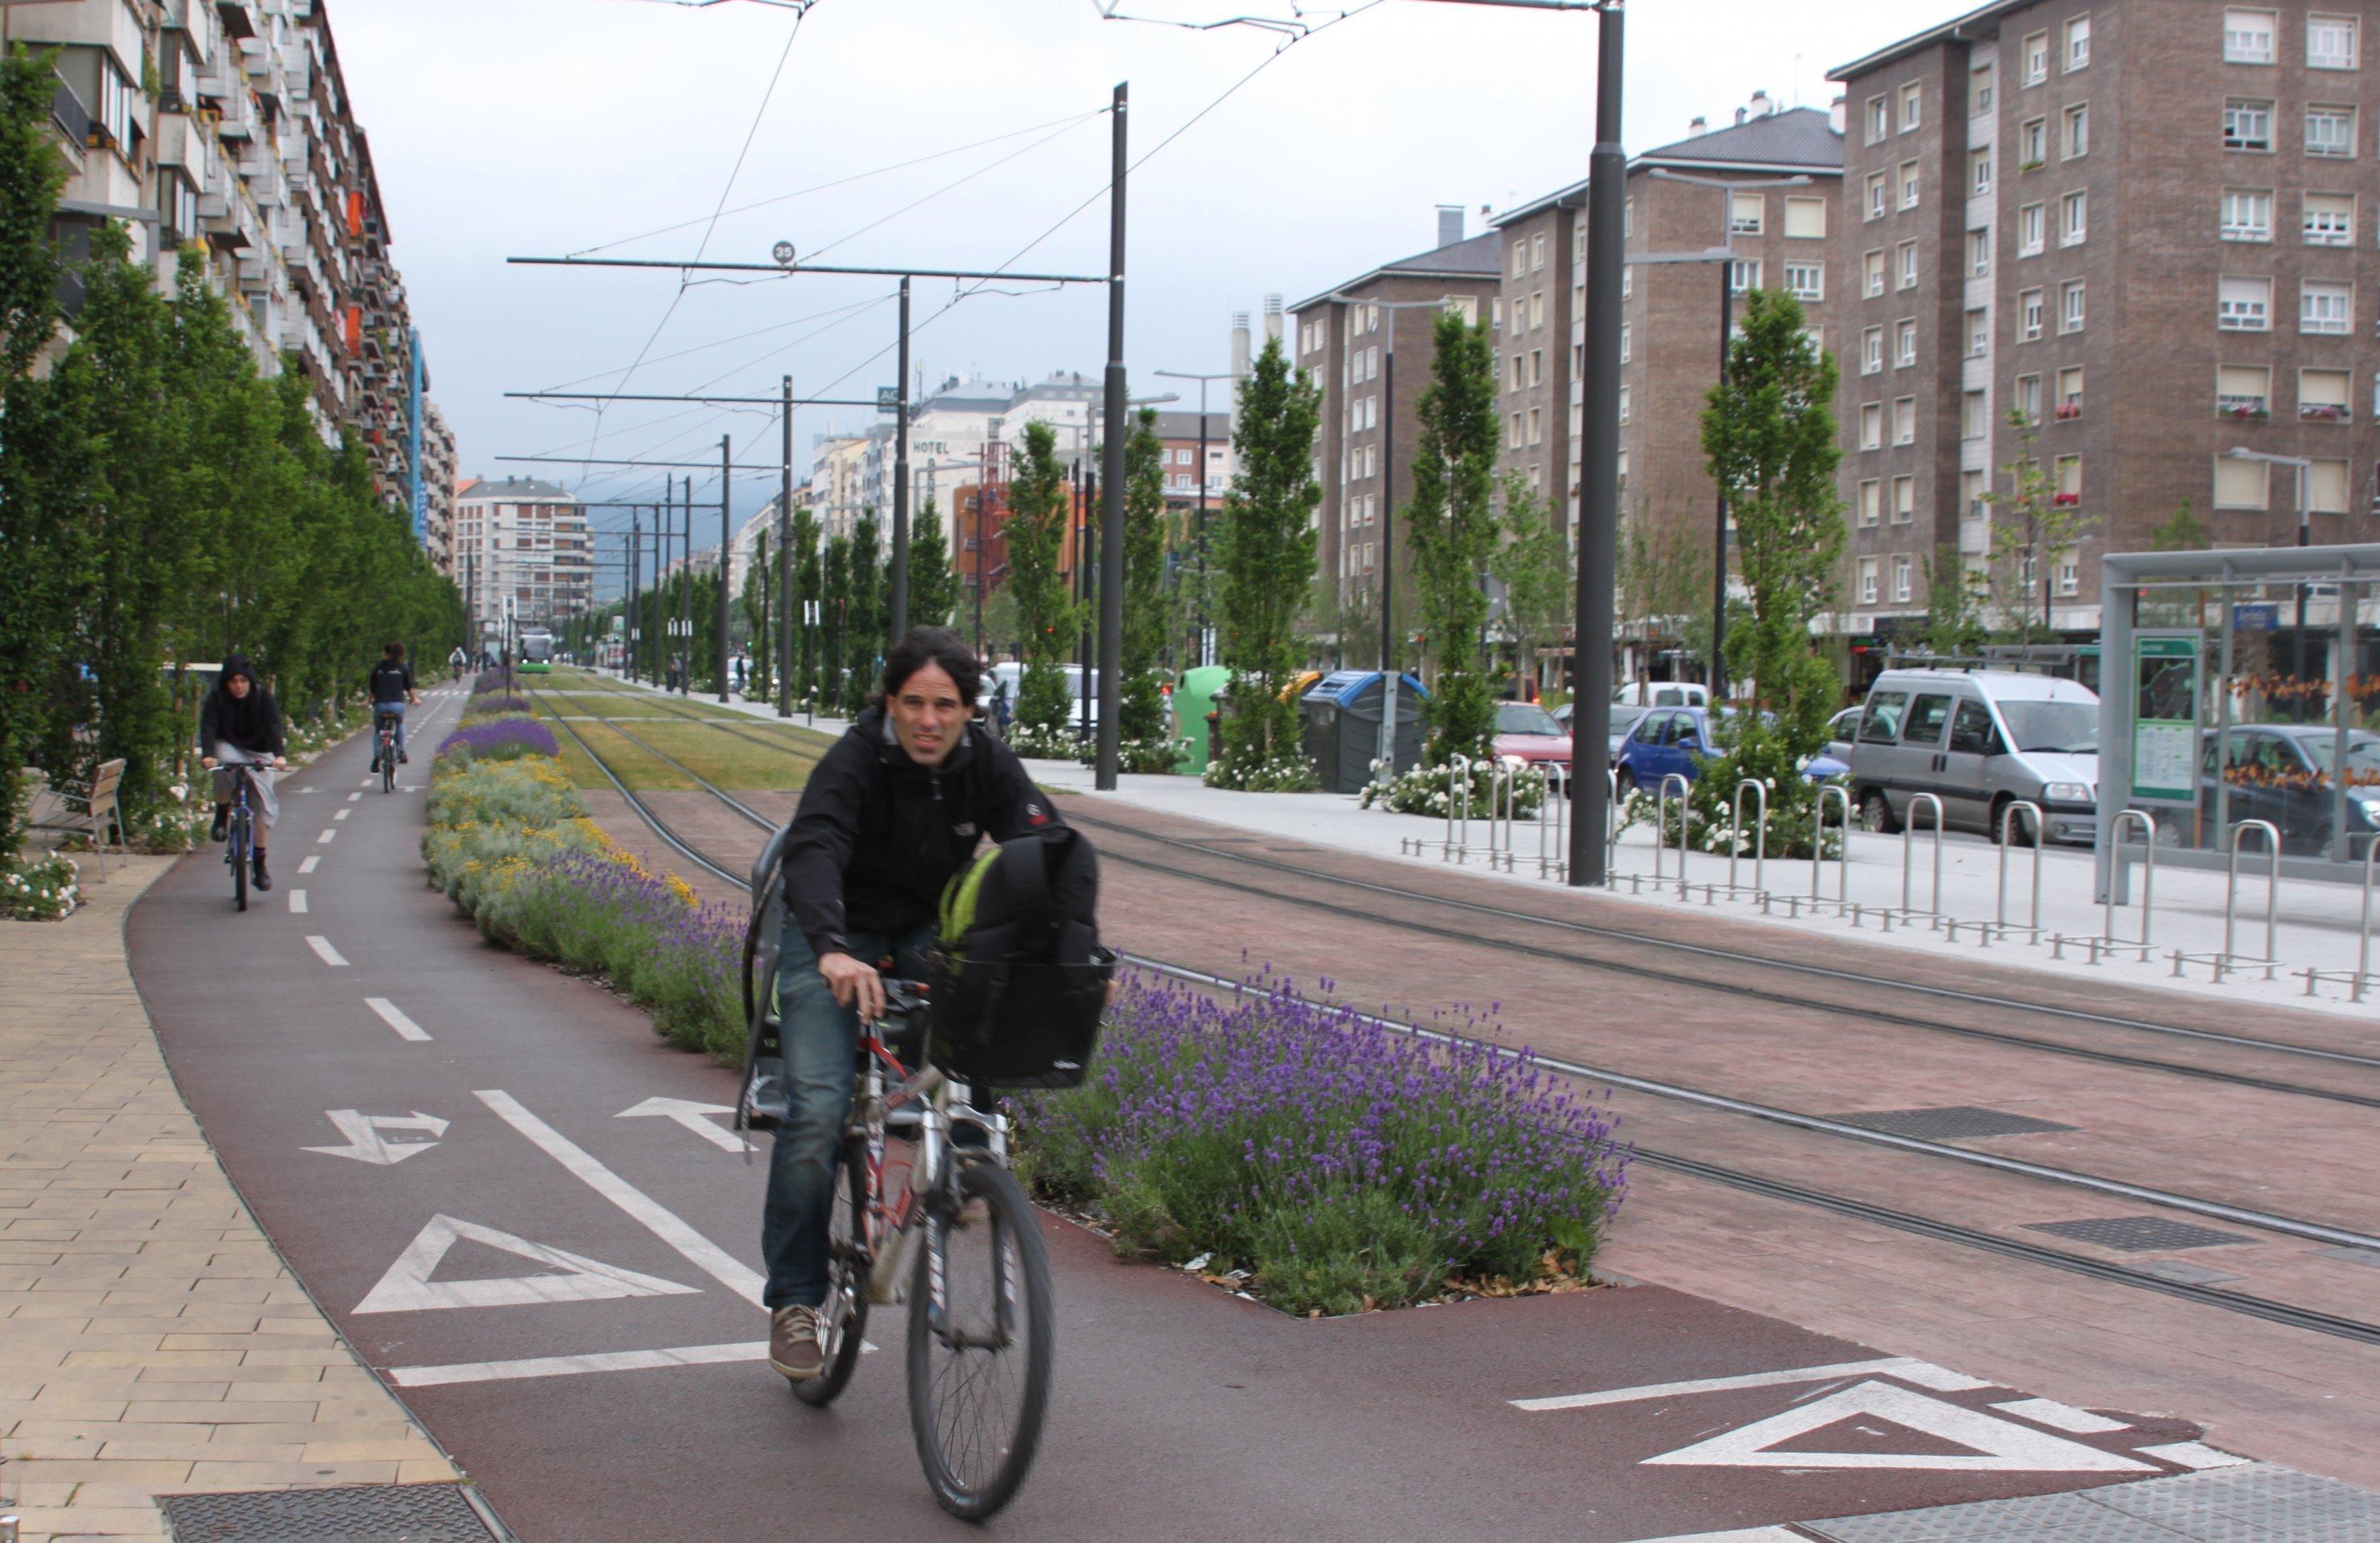 Eine Radfahrerin fährt auf einer Radspur neben Tramschienen. Hochhäuser sind an beiden Straßenseiten zu sehen.